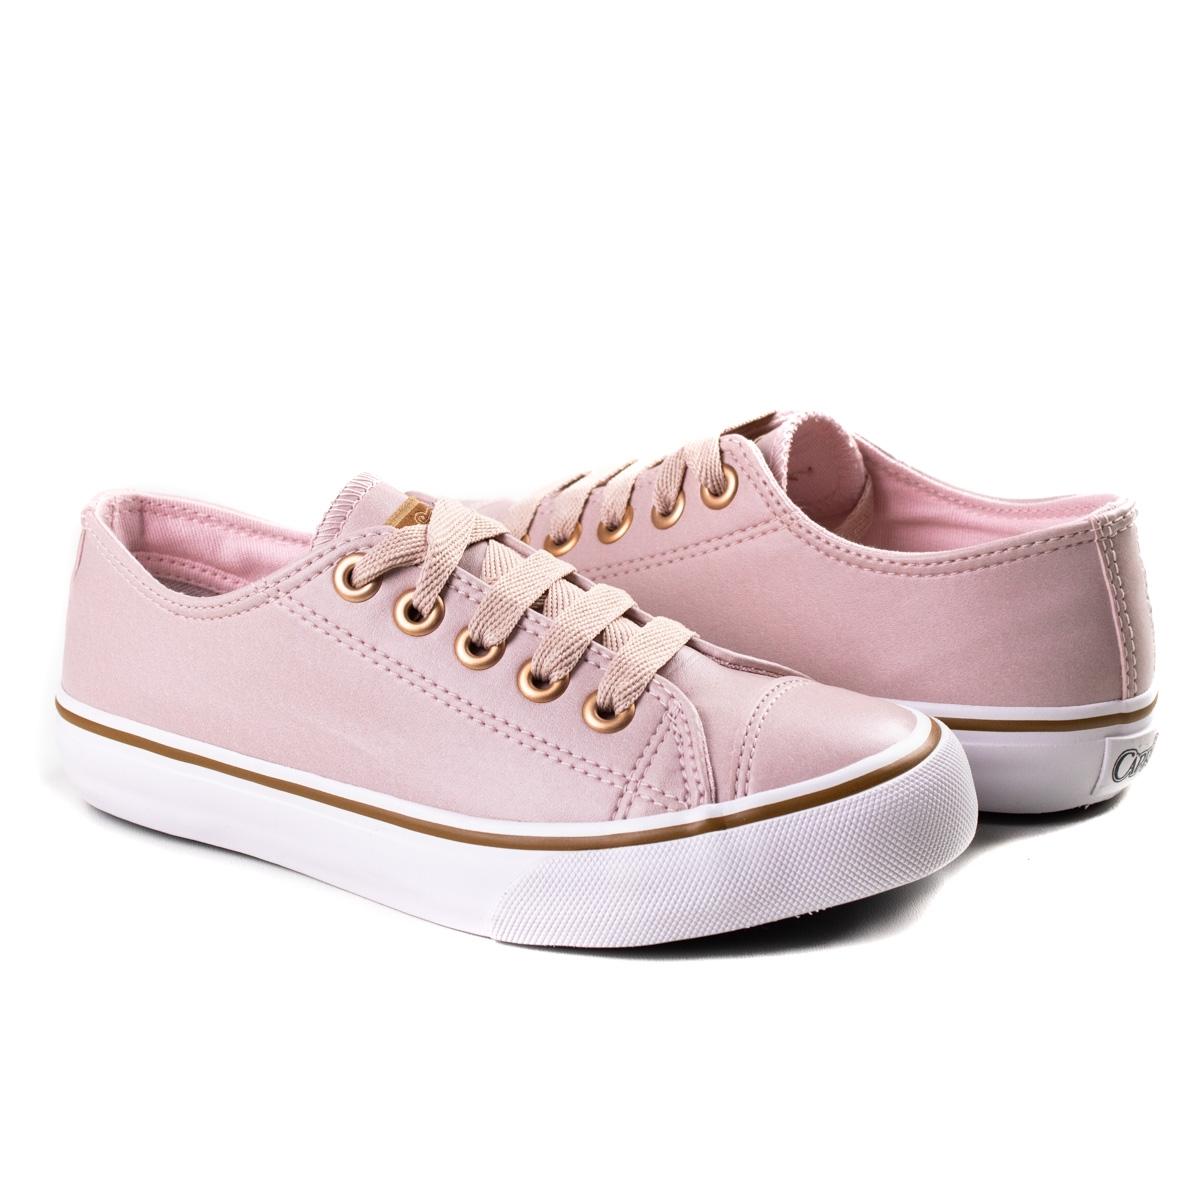 Tênis Feminino Like Class Capricho - Rose/cobre